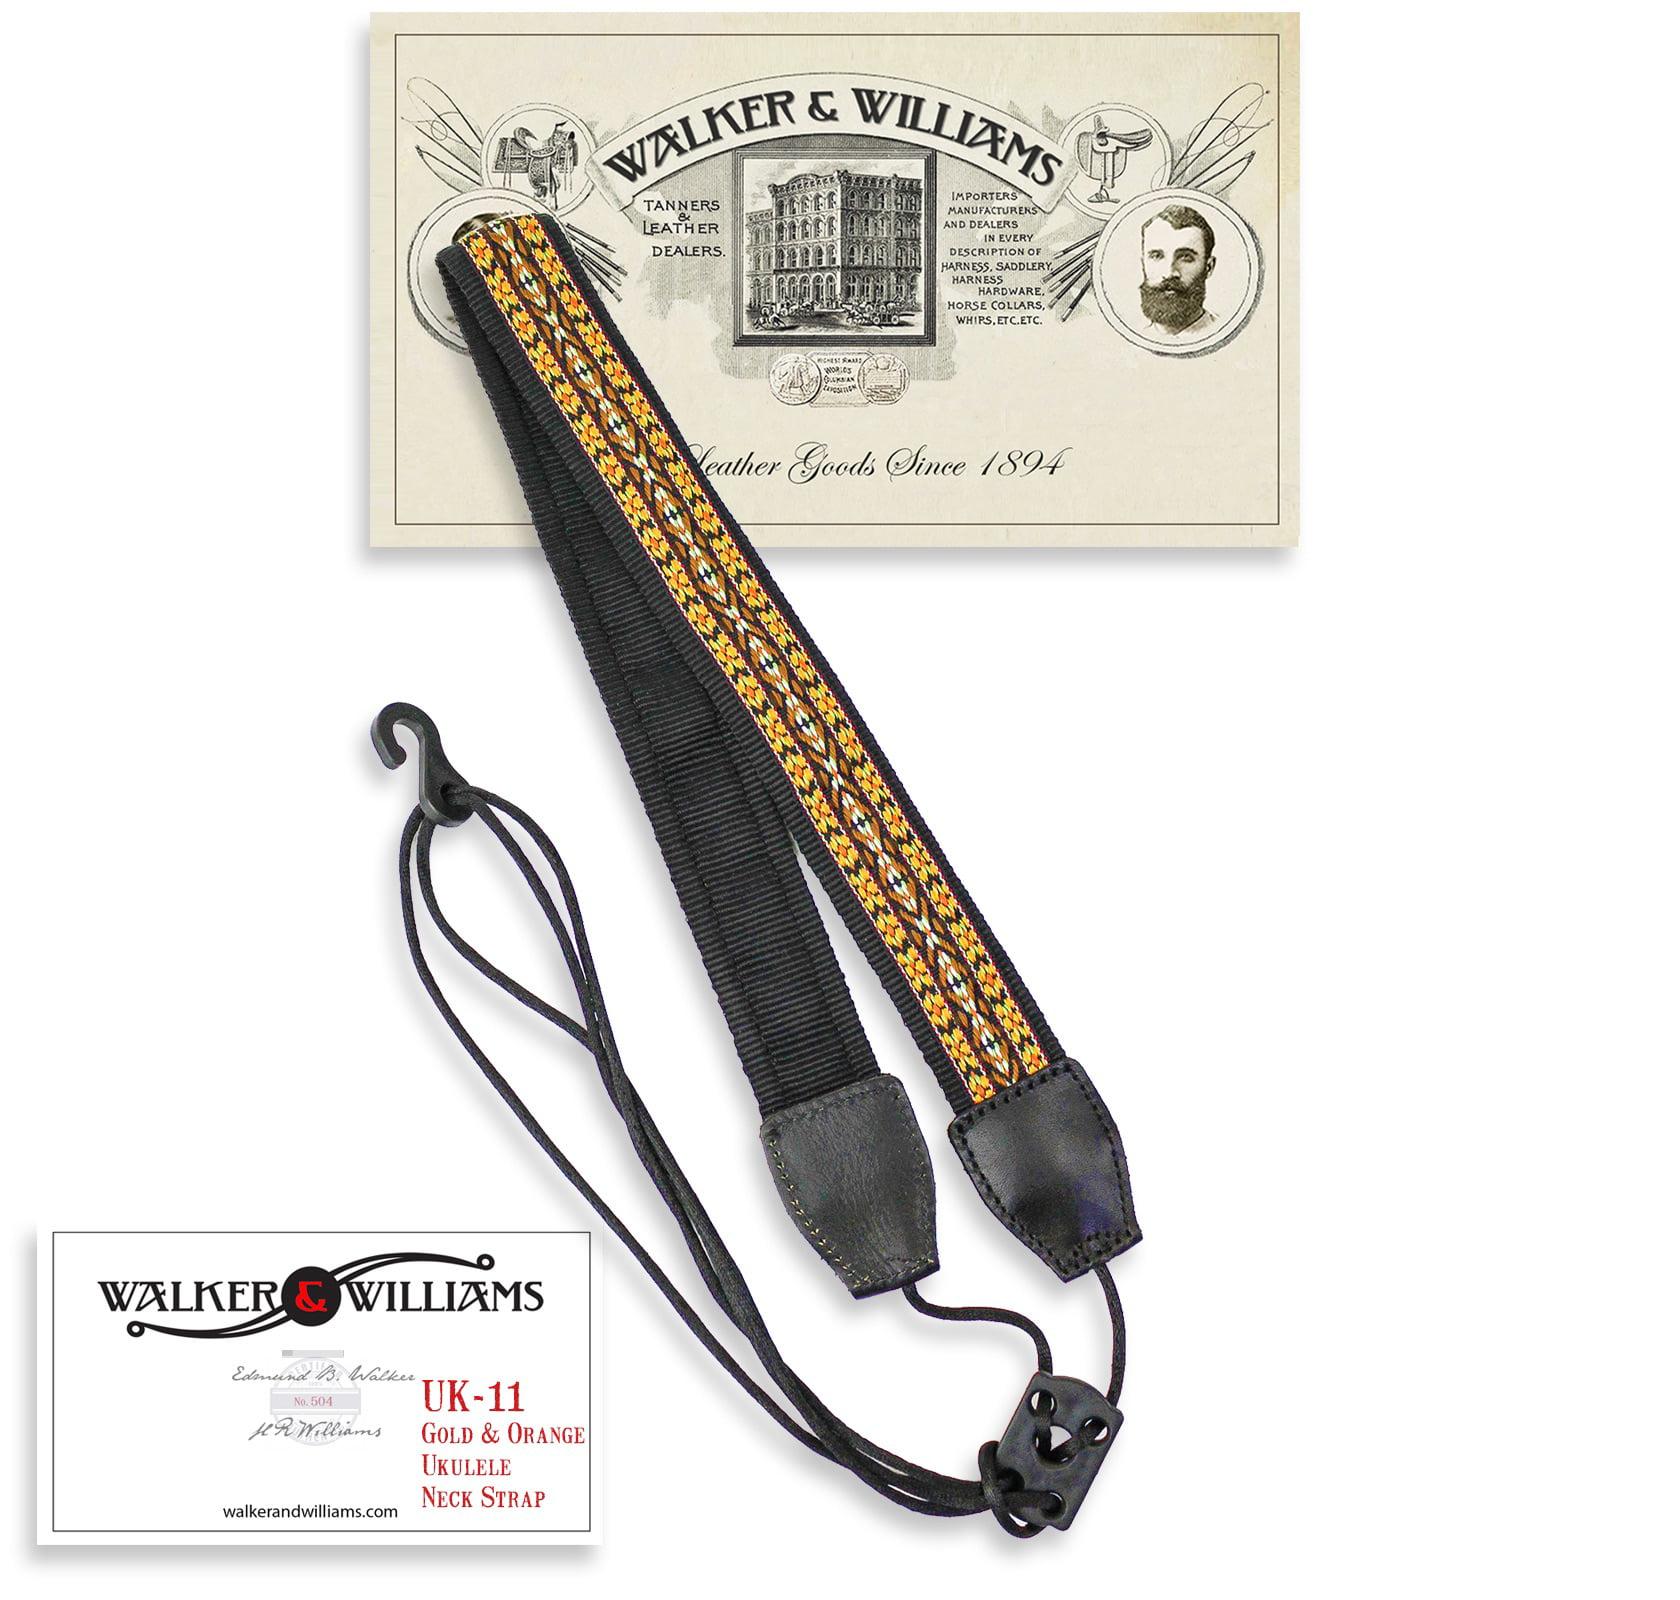 Walker & Williams UK-11 Gold & Yellow Woven Cotton & Nylon Adjustable Ukulele Strap for Any Size Uke